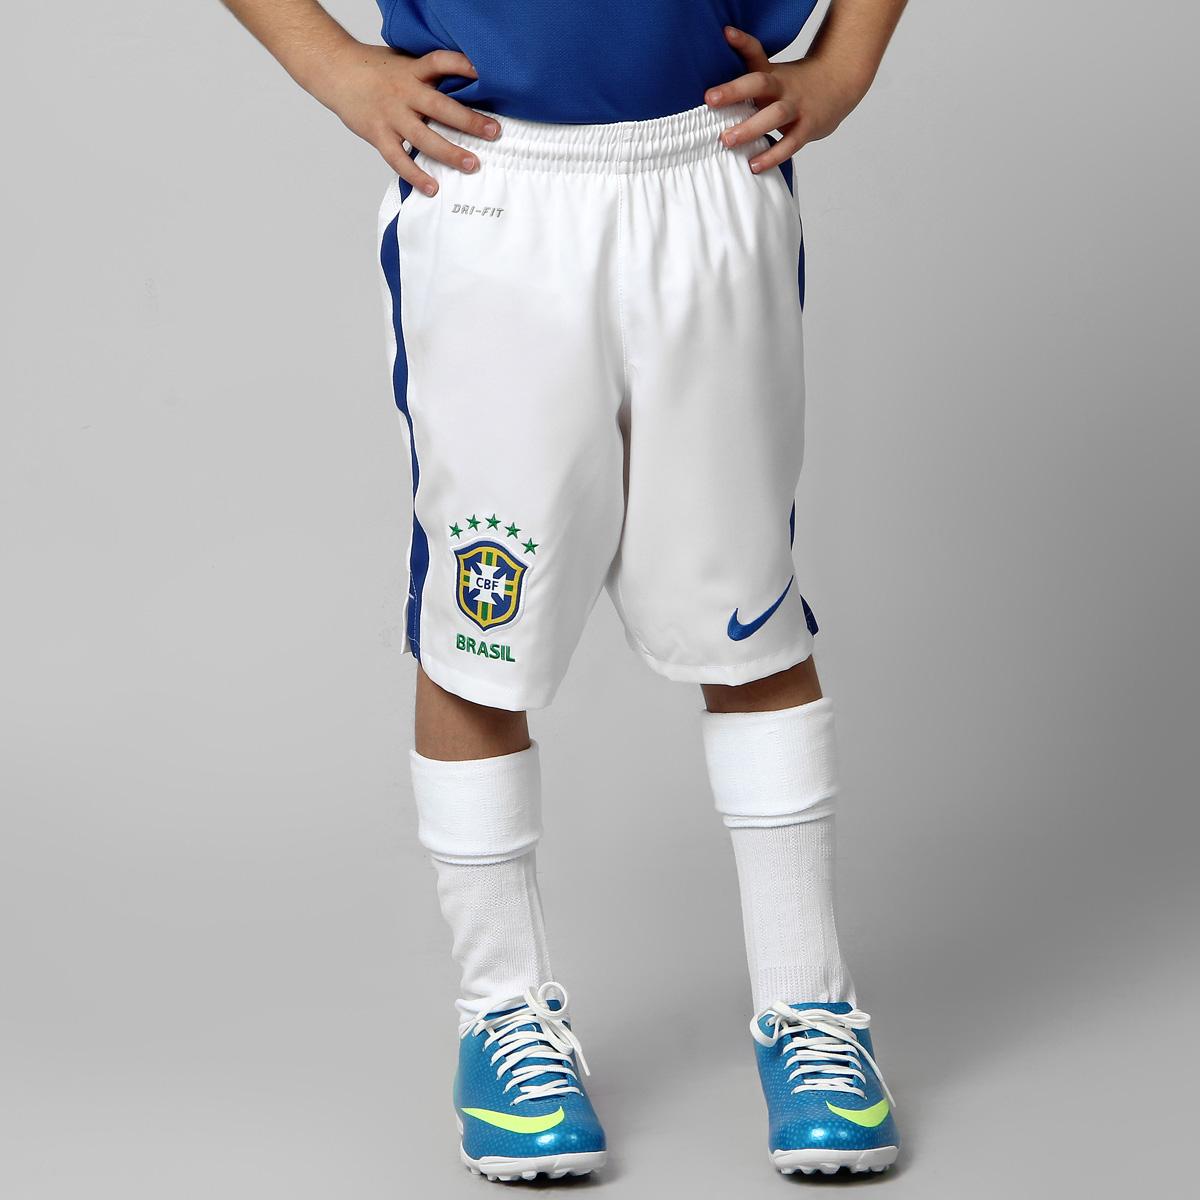 Calcao Nike Selecao Brasil 12 13 Infantil